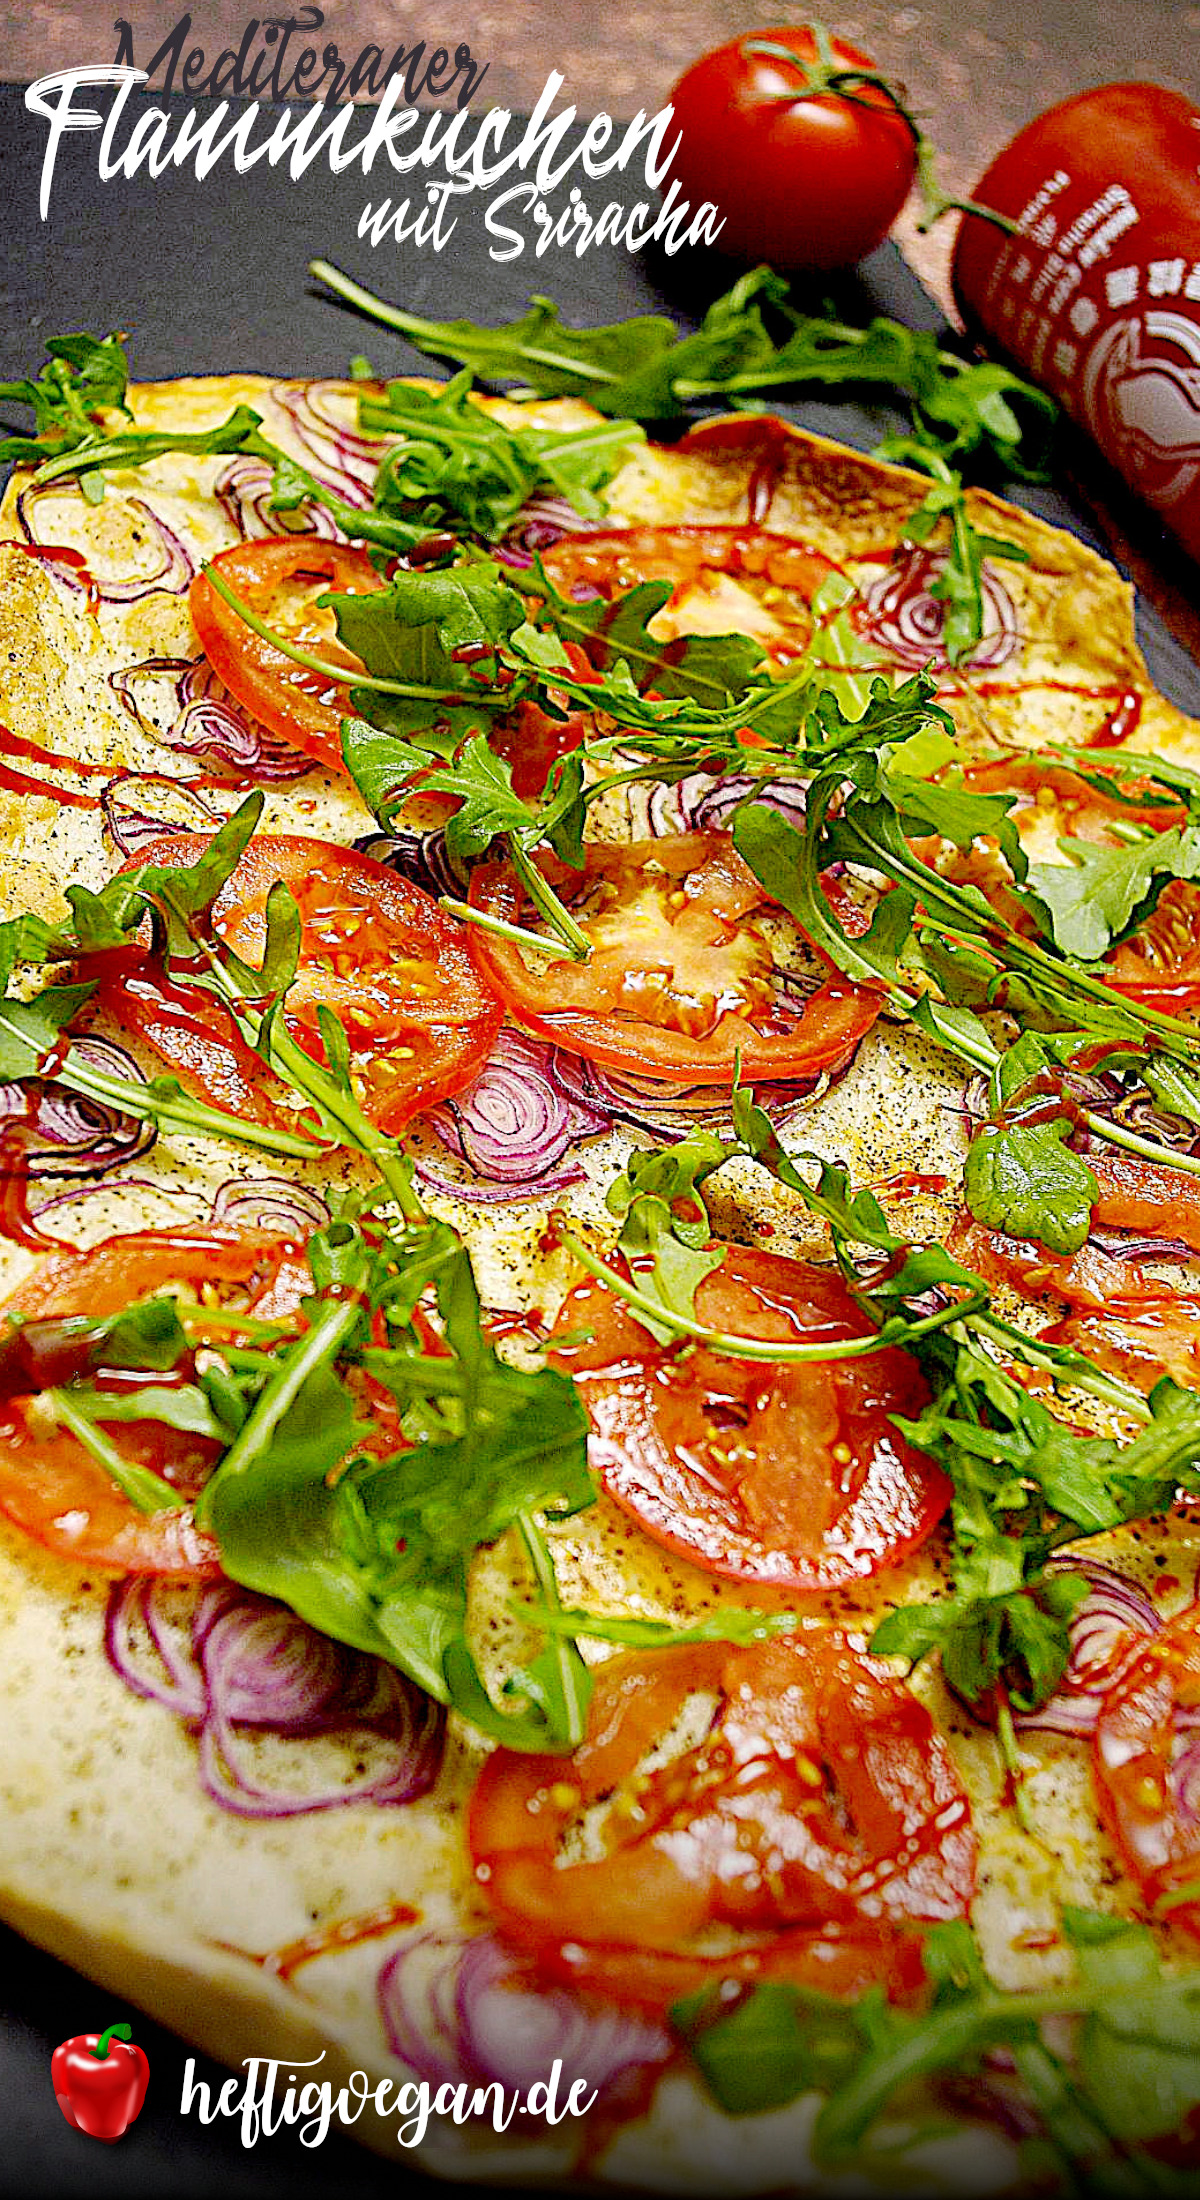 Mediterraner Flammkuchen Sriracha auf Pinterest